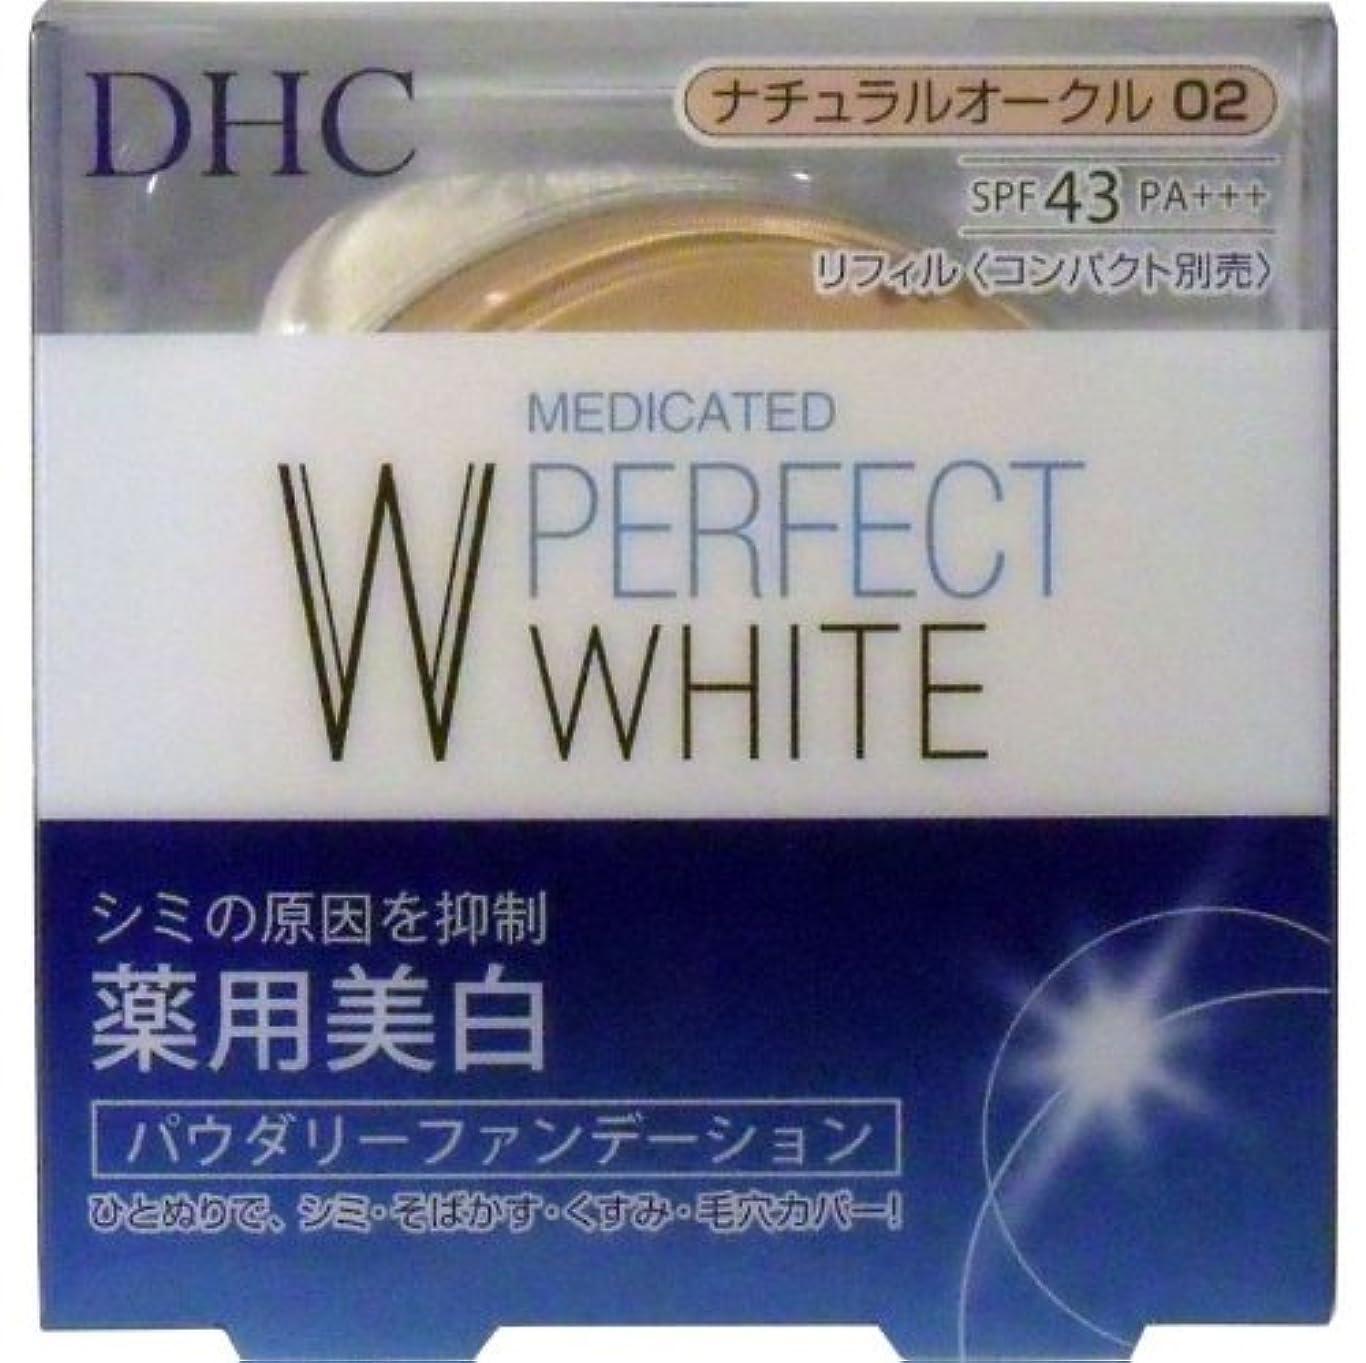 学習カウボーイ終点つけたての美しい透明感がずっと持続!DHC 薬用美白パーフェクトホワイト パウダリーファンデーション ナチュラルオークル02 10g